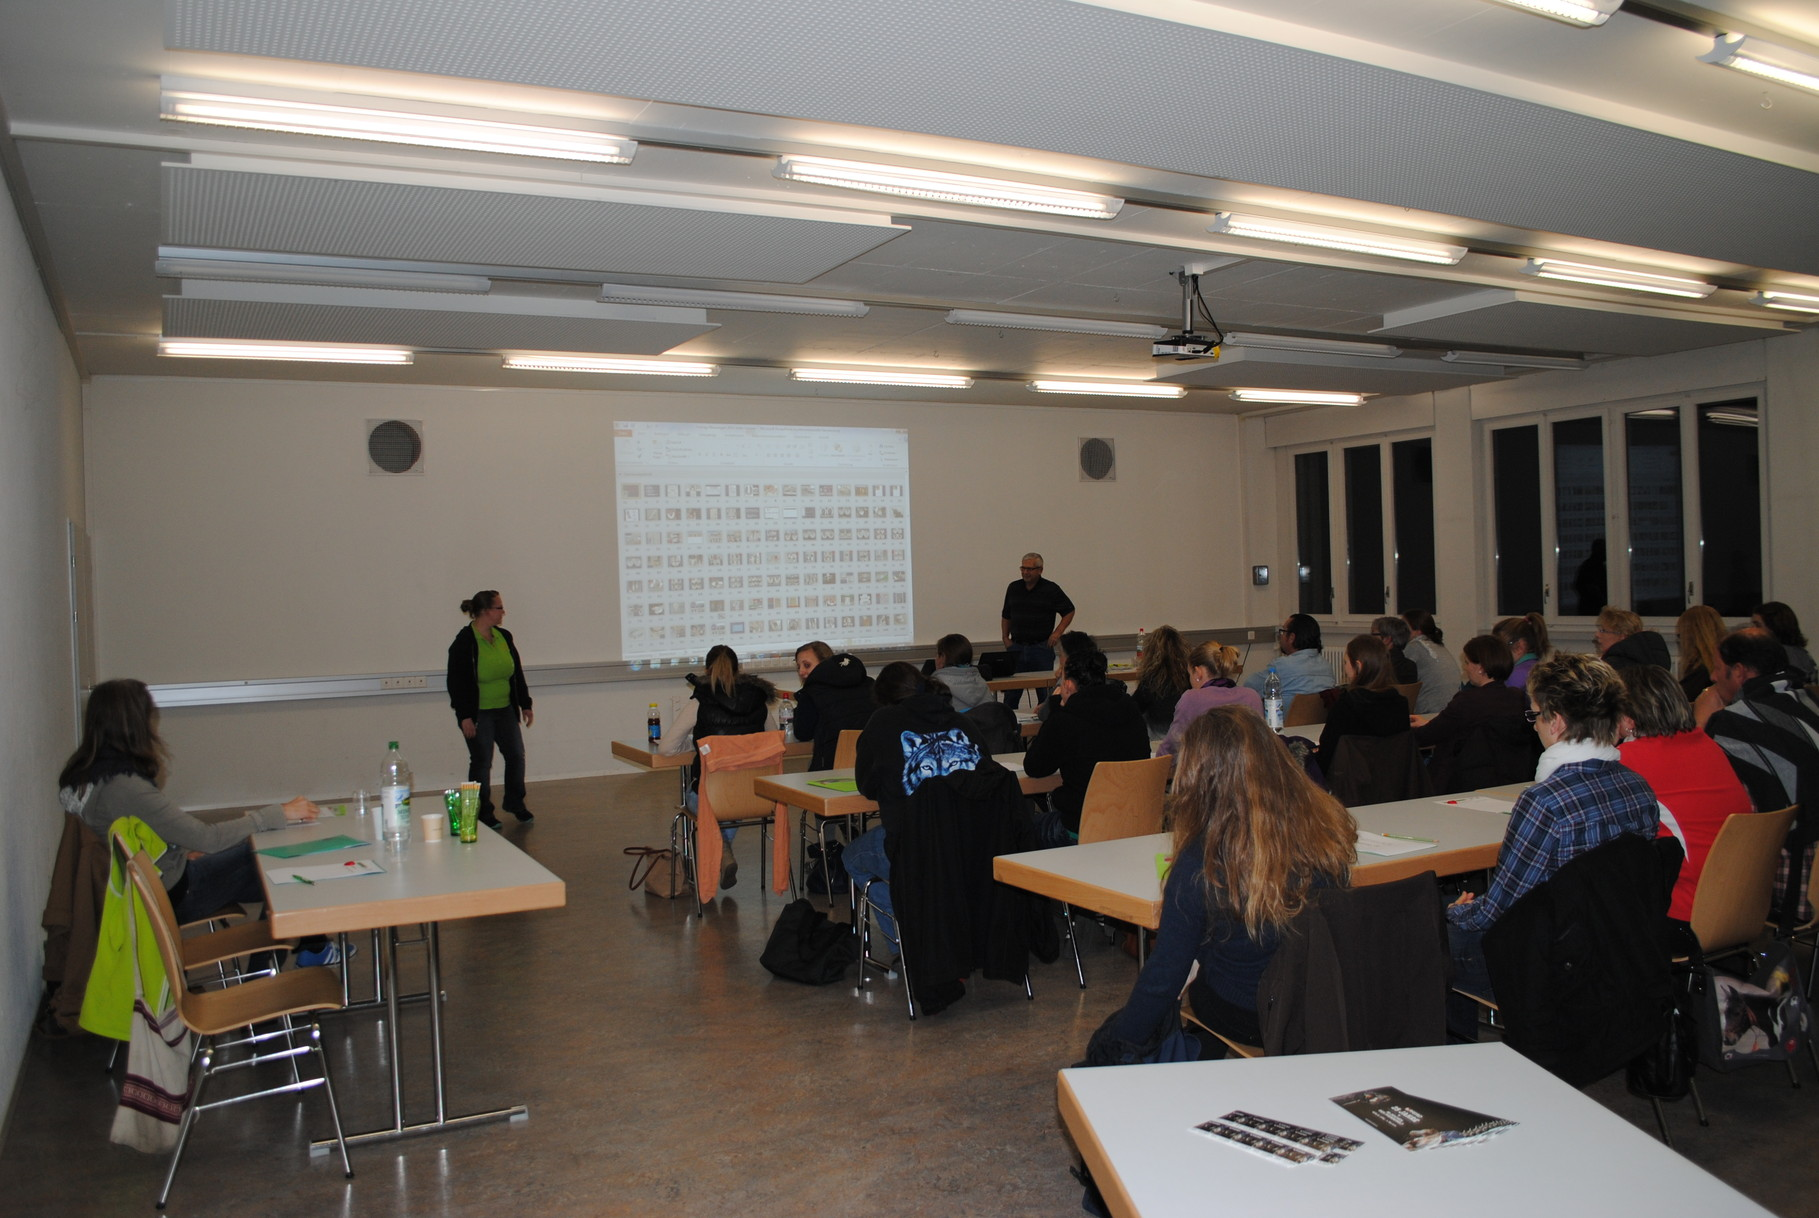 """Hufvortrag: Der dritte Vortrag in Münsingen fand am 27. März 2014 mit Referent Ueli Wenger statt, dieses Mal zum Thema """"Der Pferdehuf - Gesunderhaltung und Pflege""""."""